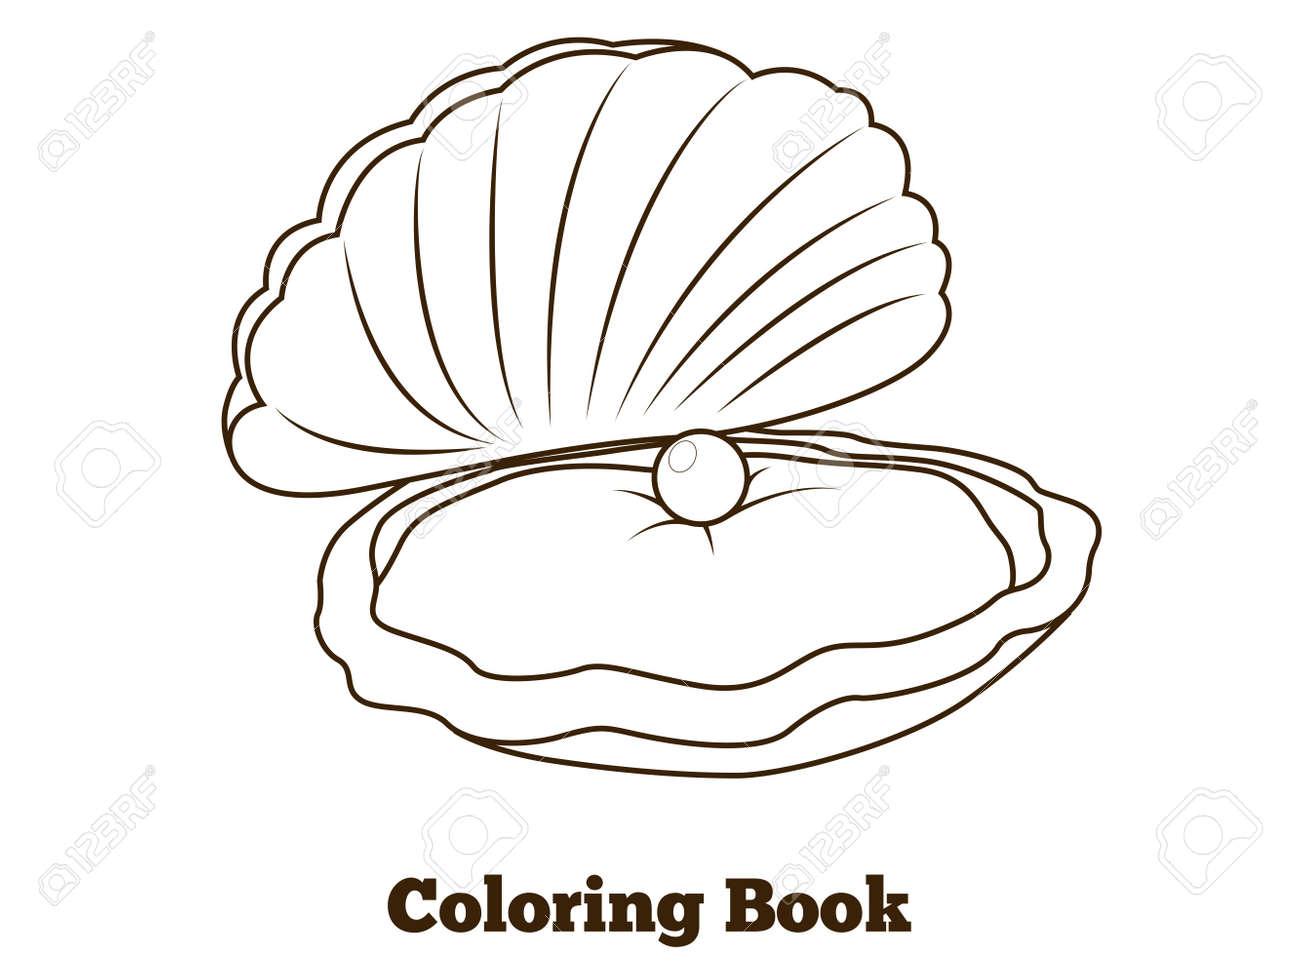 Libro De Pescado De Ostras Para Colorear De Dibujos Animados Vector Ilustración Educativa